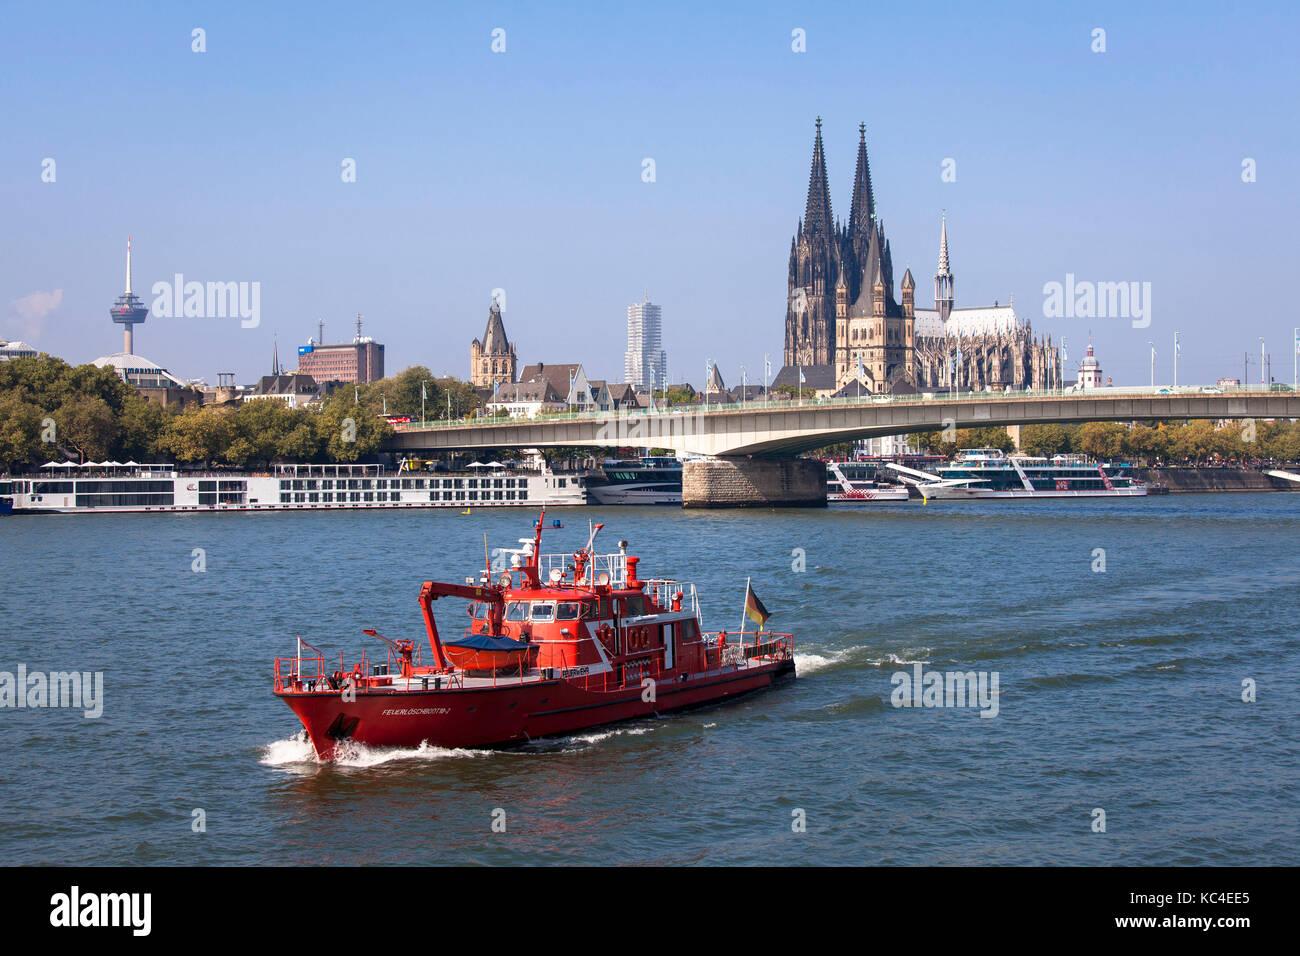 Fire Boat Germany Cologne Fire Department Fireboat Köln Loschboot Beruffs-Fueuer